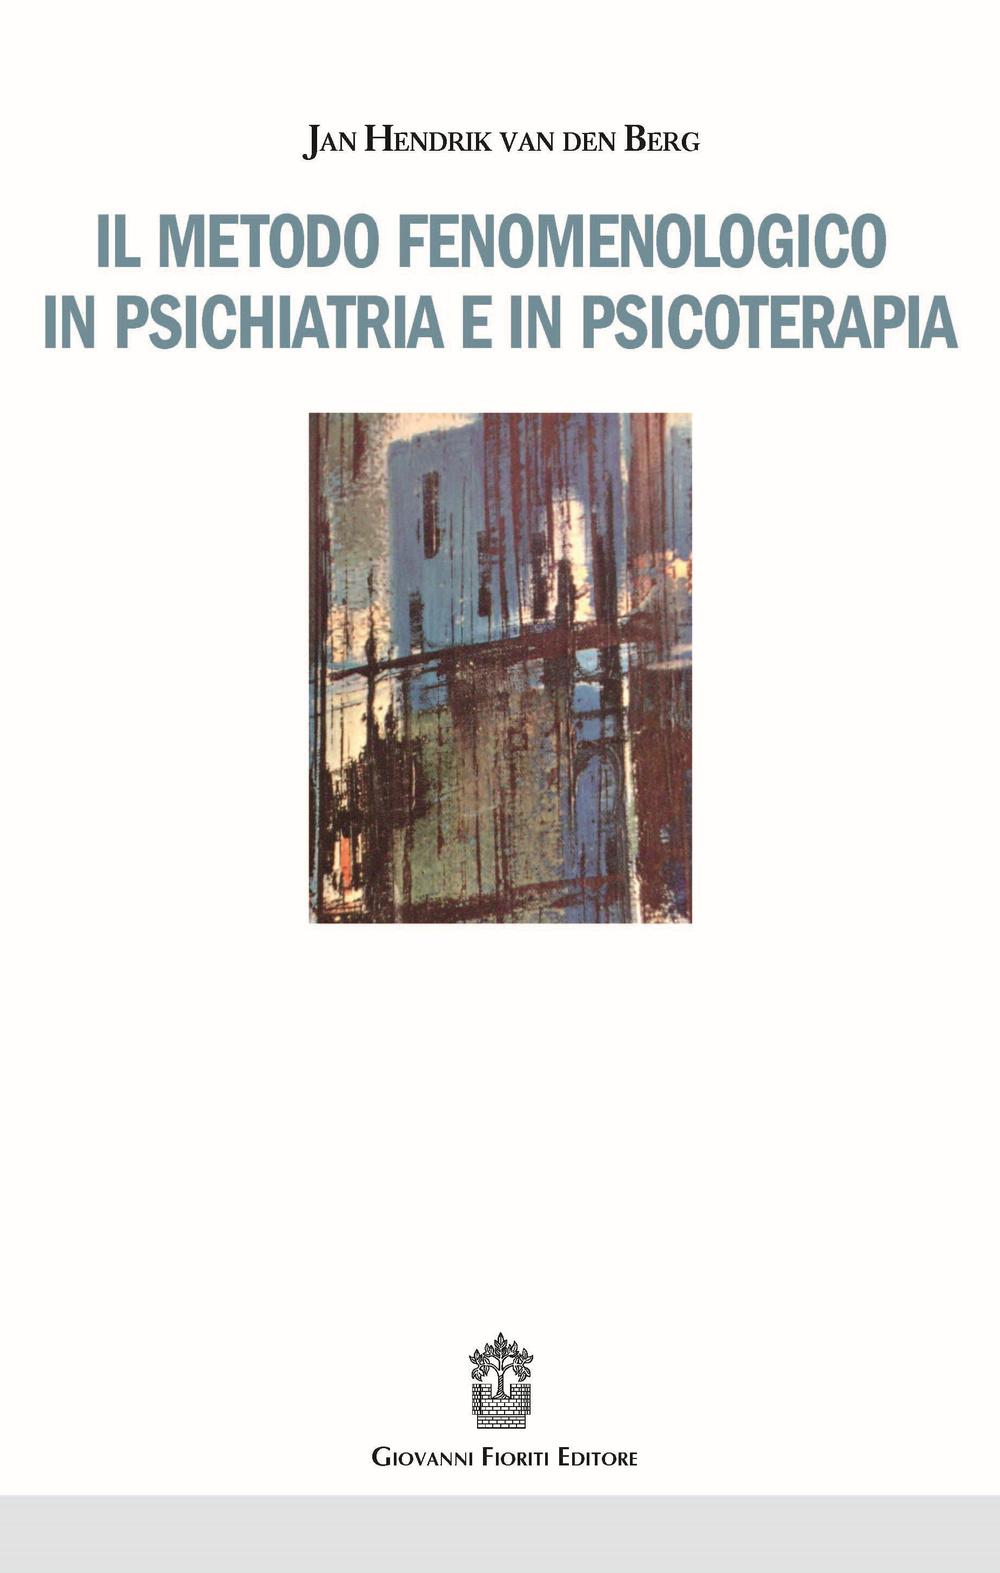 Il metodo fenomenologico in psichiatria e in psicoterapia